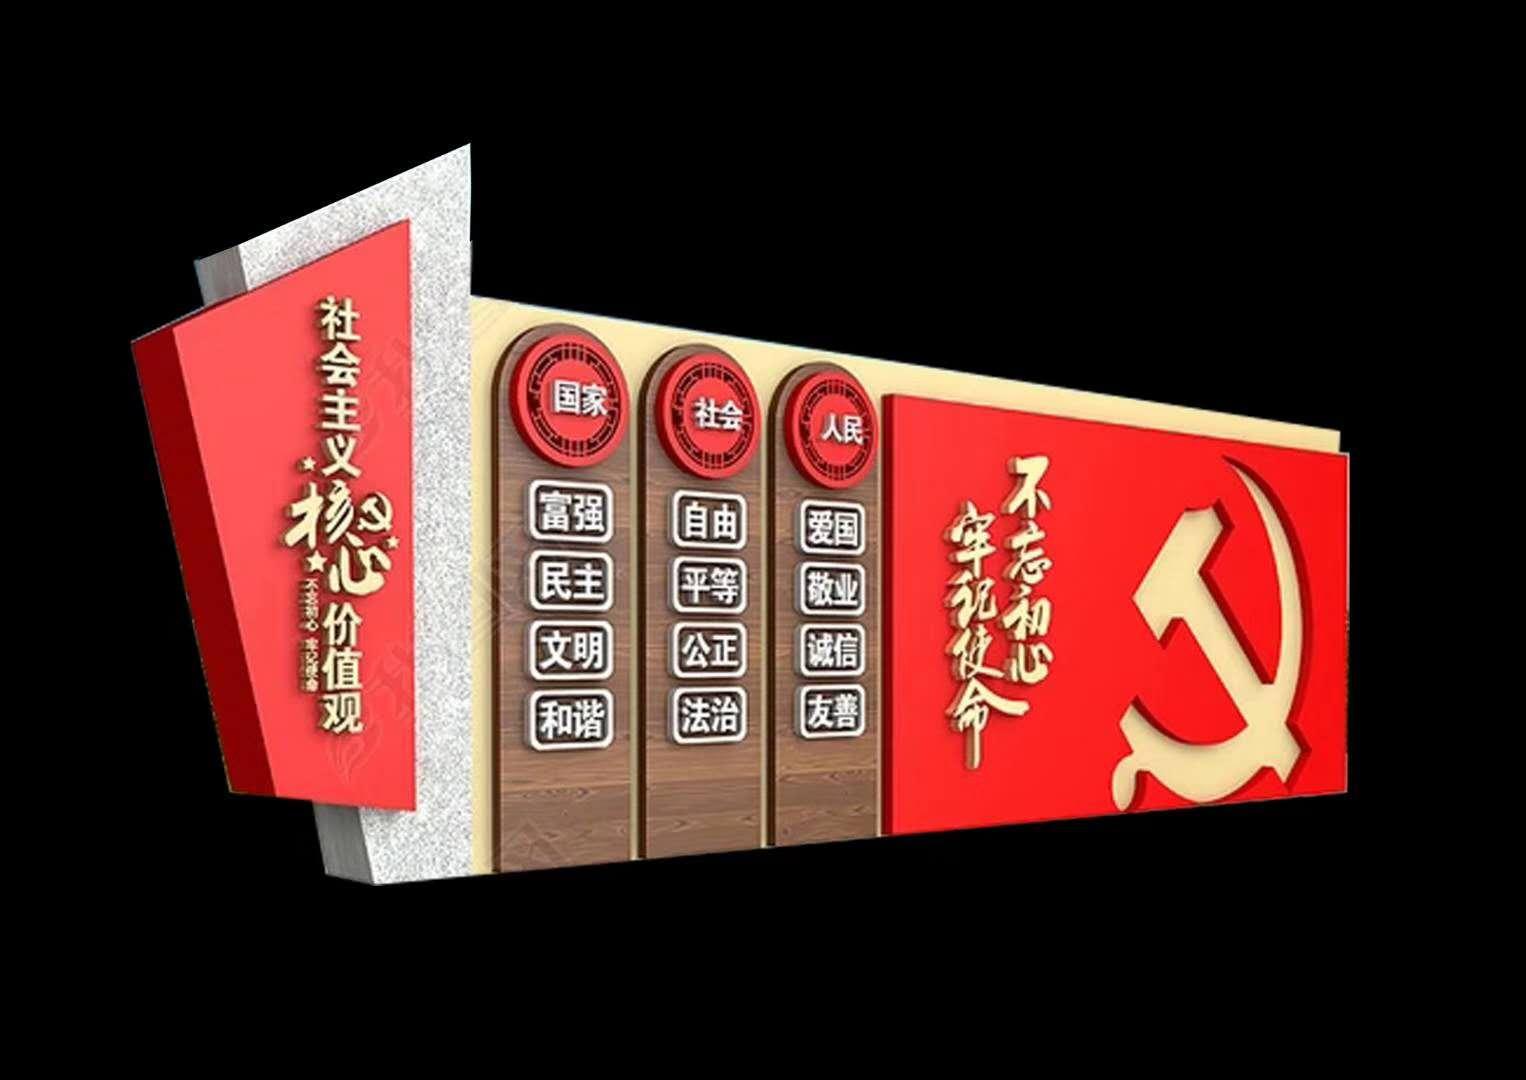 迎澤區村務價值觀生產廠家